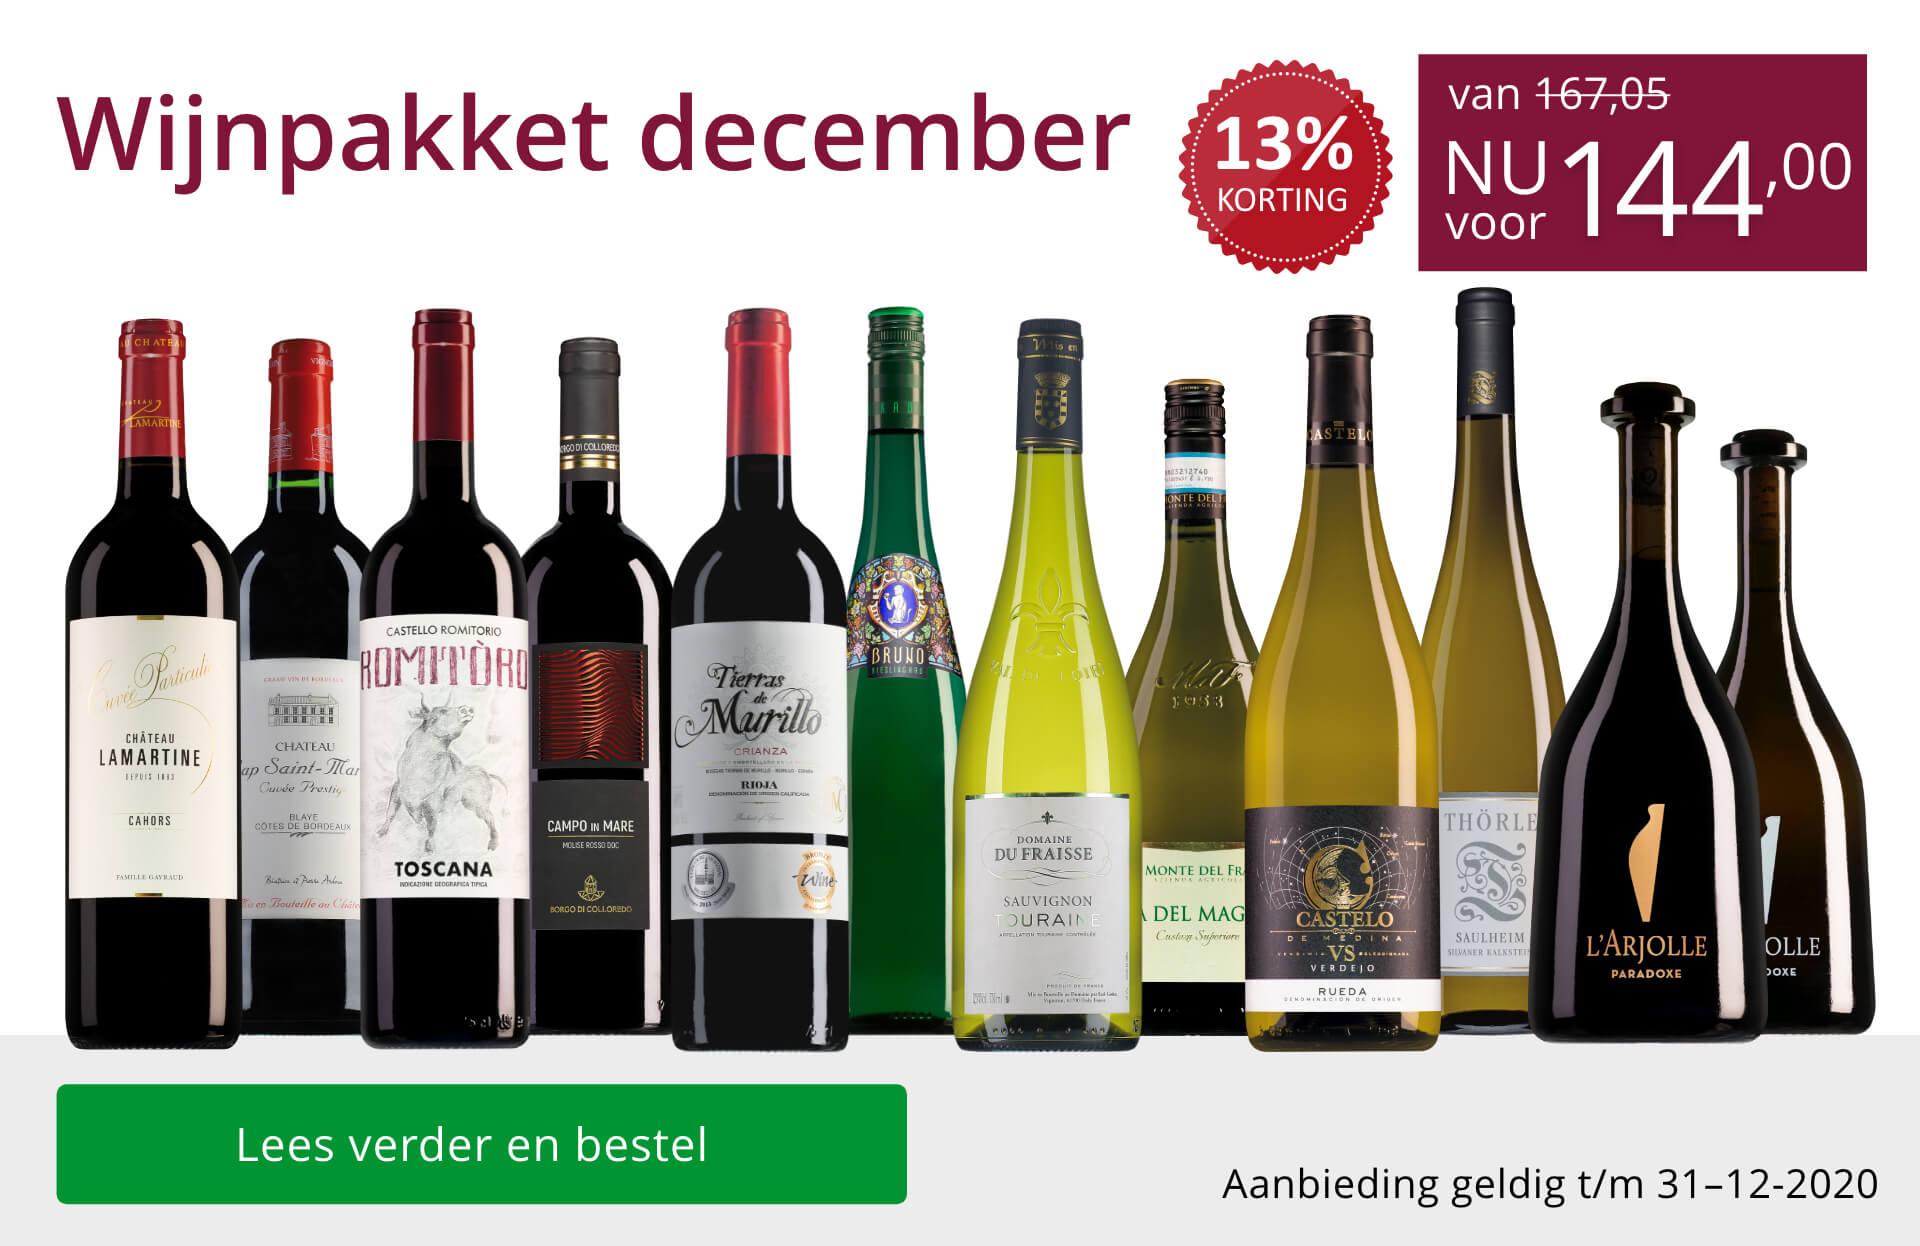 Wijnpakket wijnbericht december 2020 (144,00) - paars